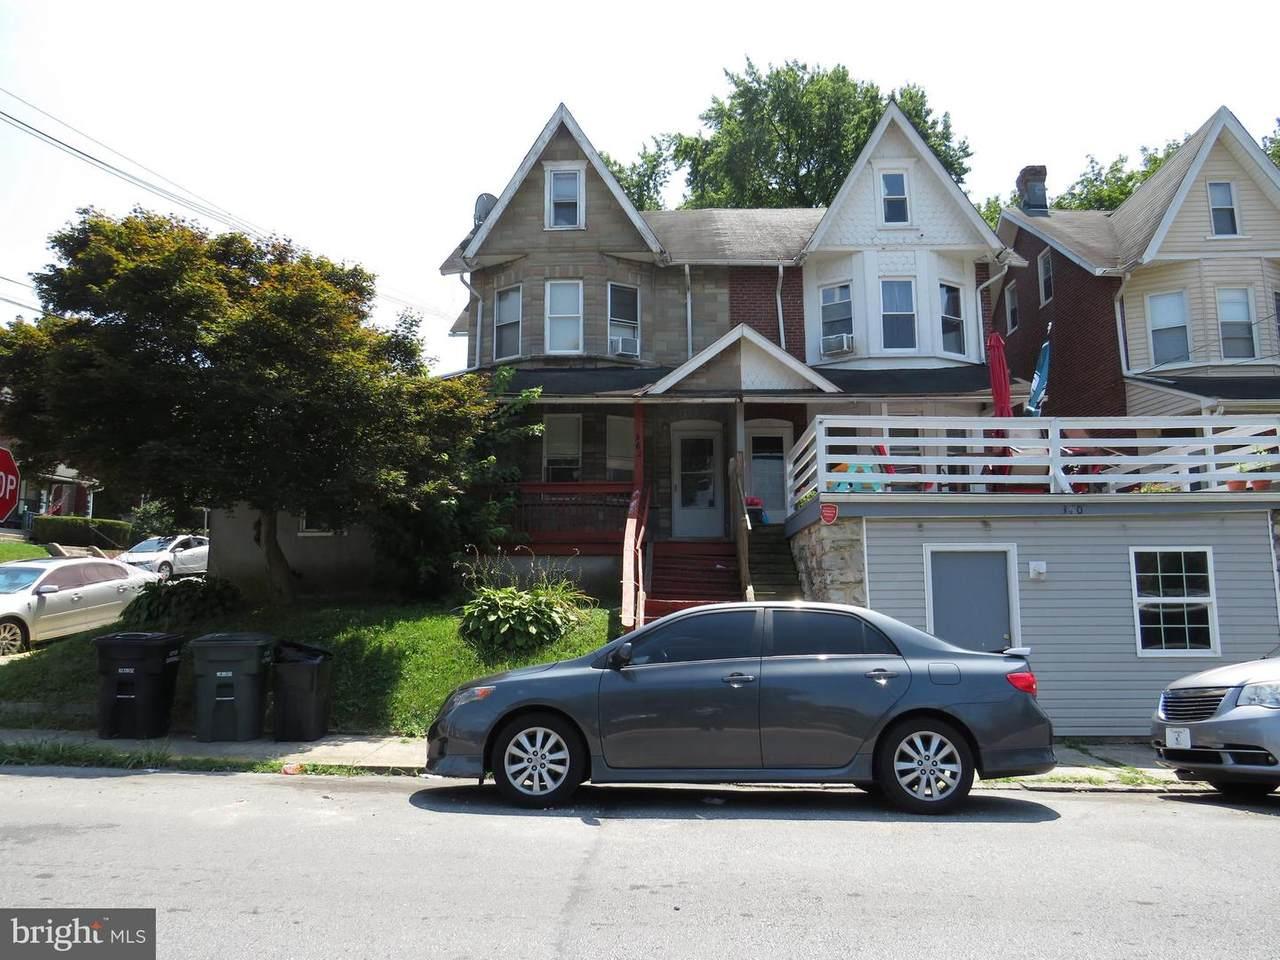 362 Walnut Street - Photo 1